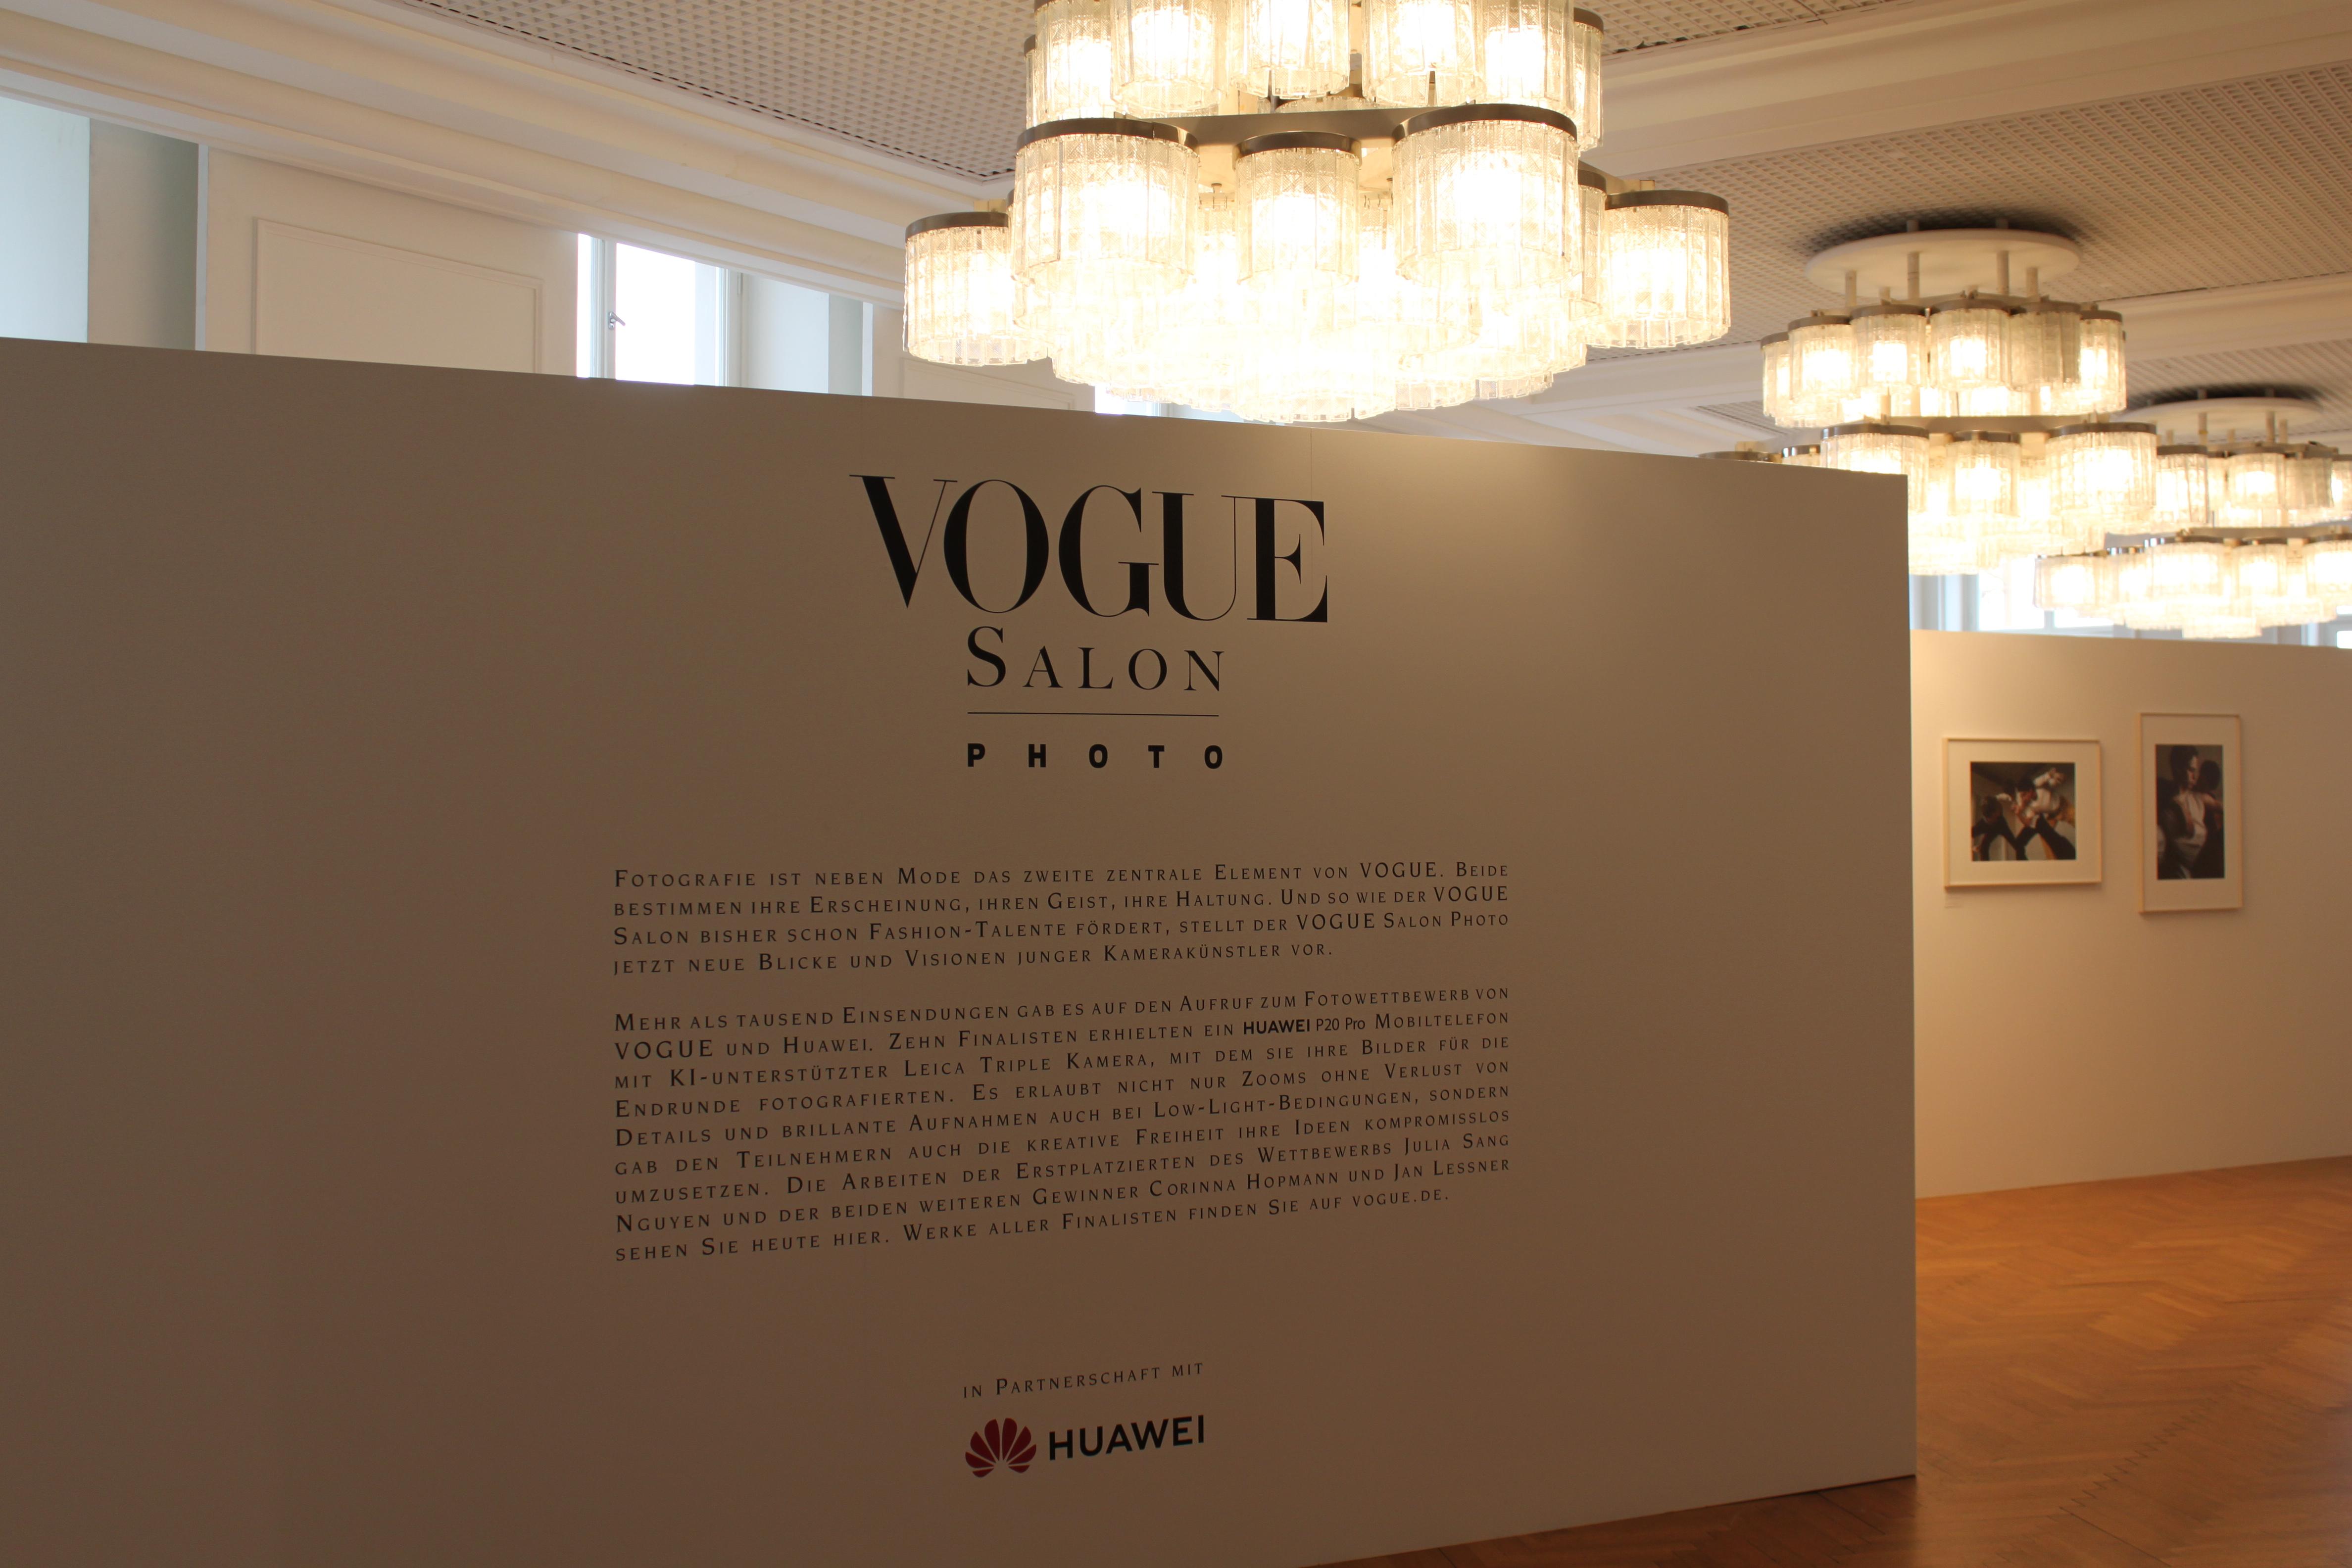 Vogue Salon x Swarovski Spring Summer 2019 MBFW